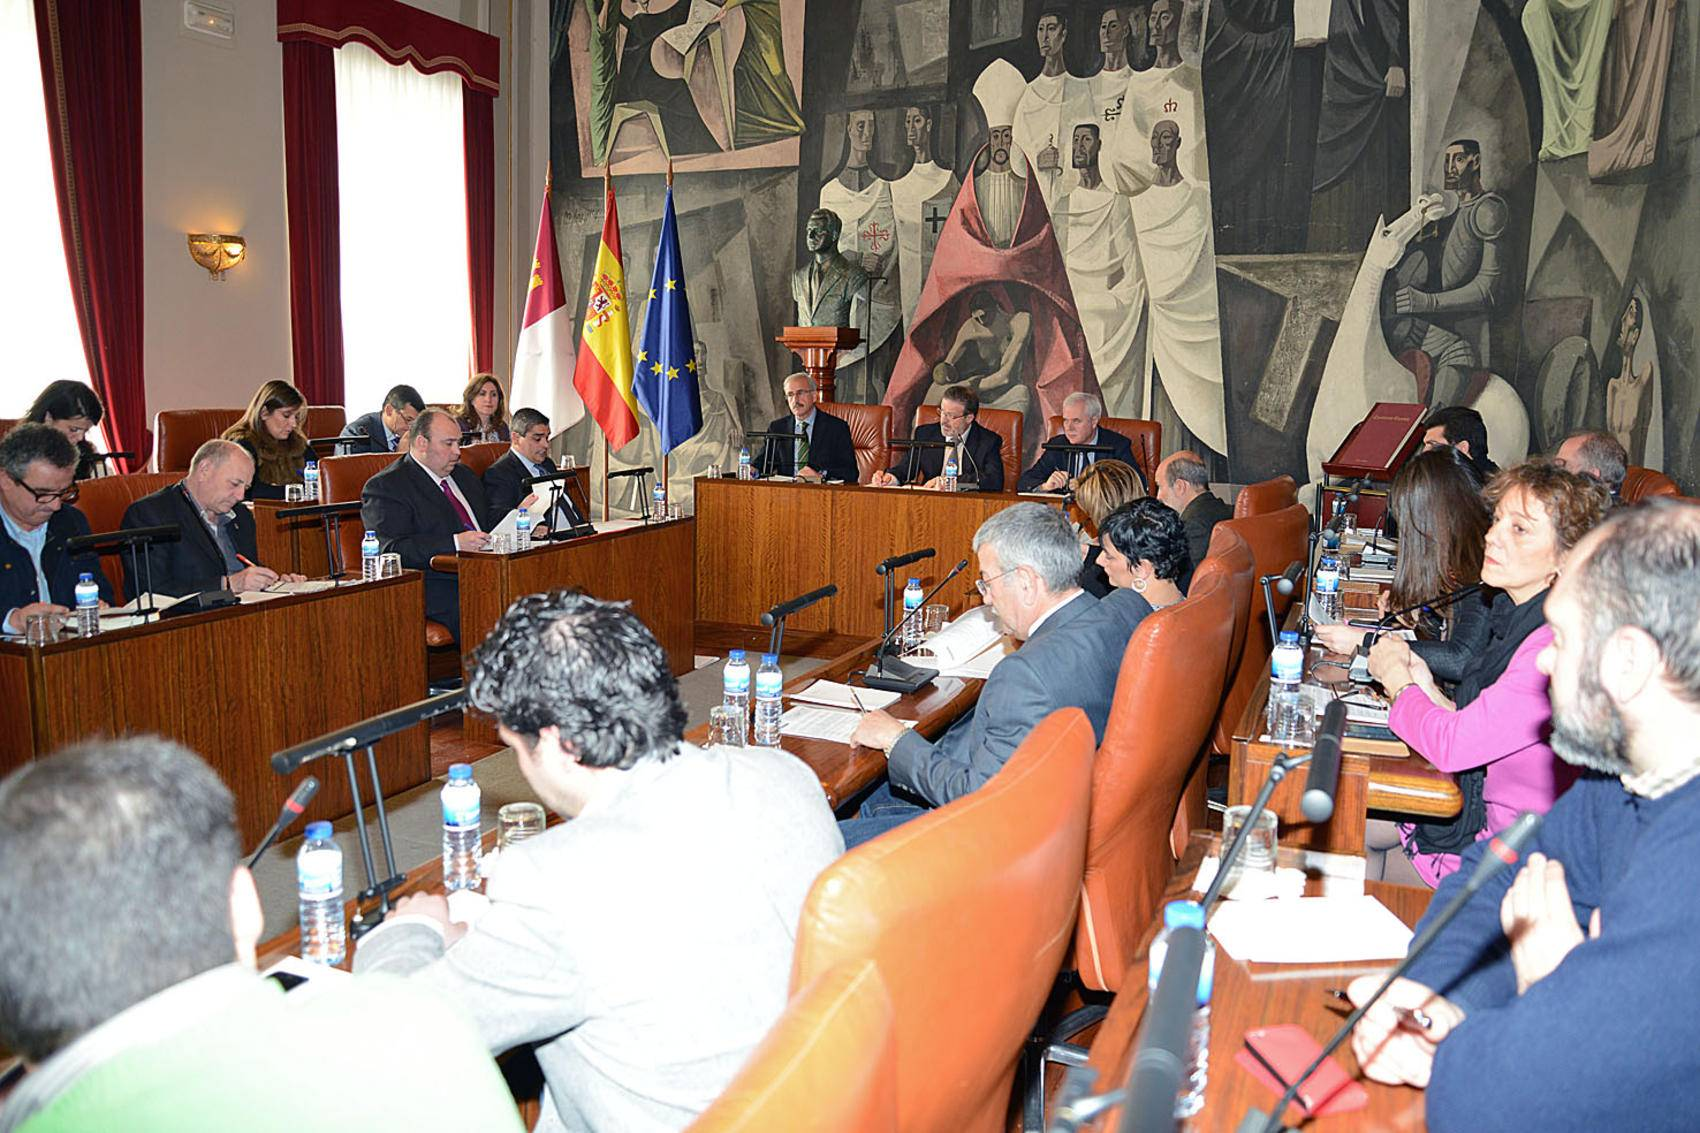 Pleno rodinario de la Diputación Provincial de Ciudad Real - Diputación se encargará de la recaudación de Comsermancha